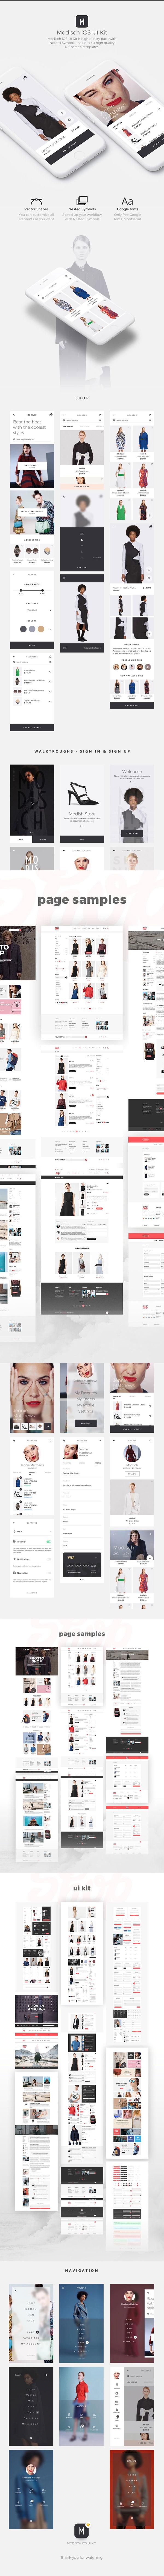 服饰购物应用UI